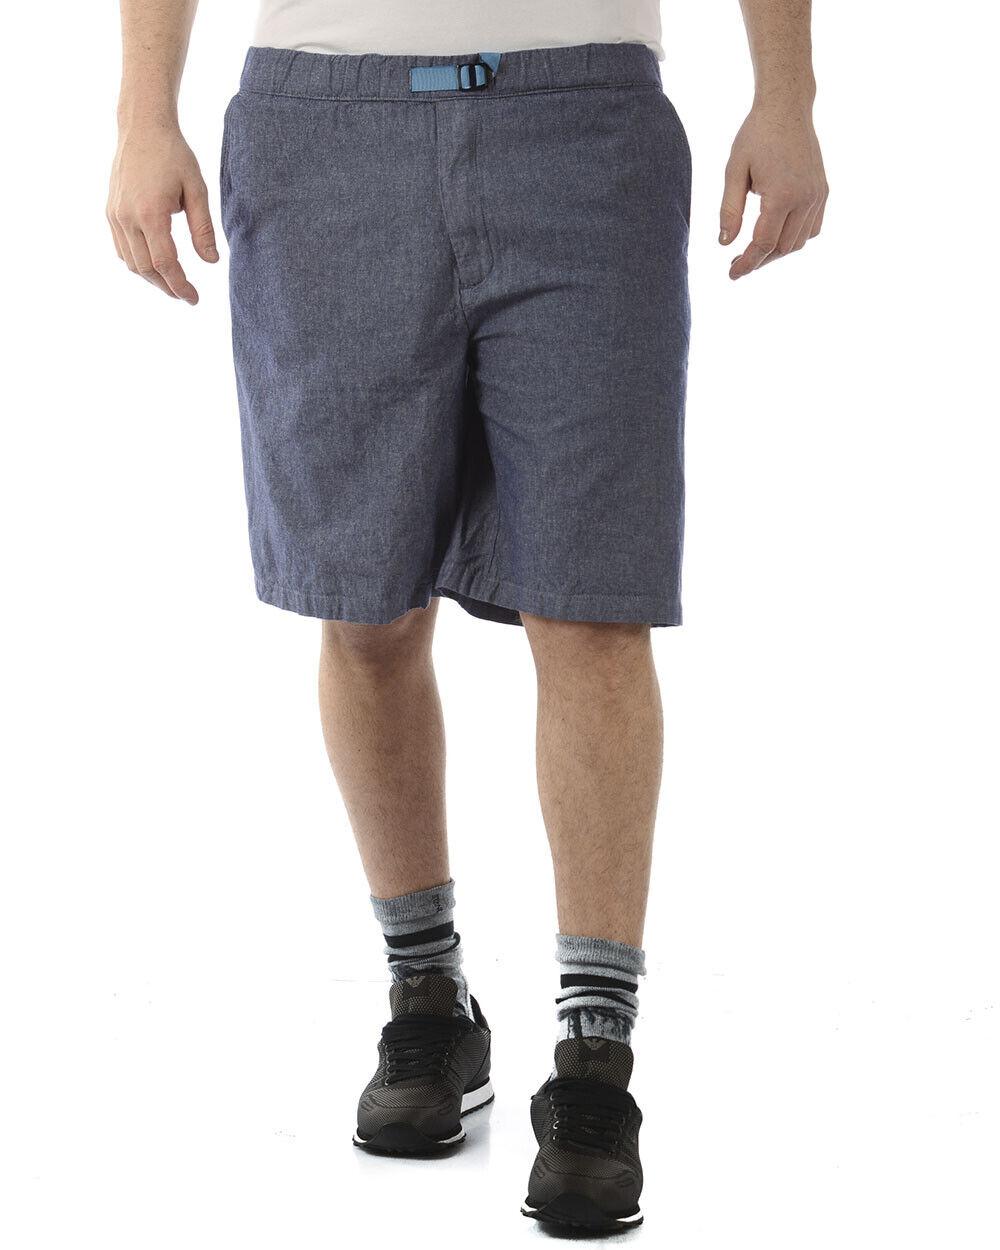 Bermuda Daniele Alessandrini Short Cotone Uomo Blu E299S20143702 123